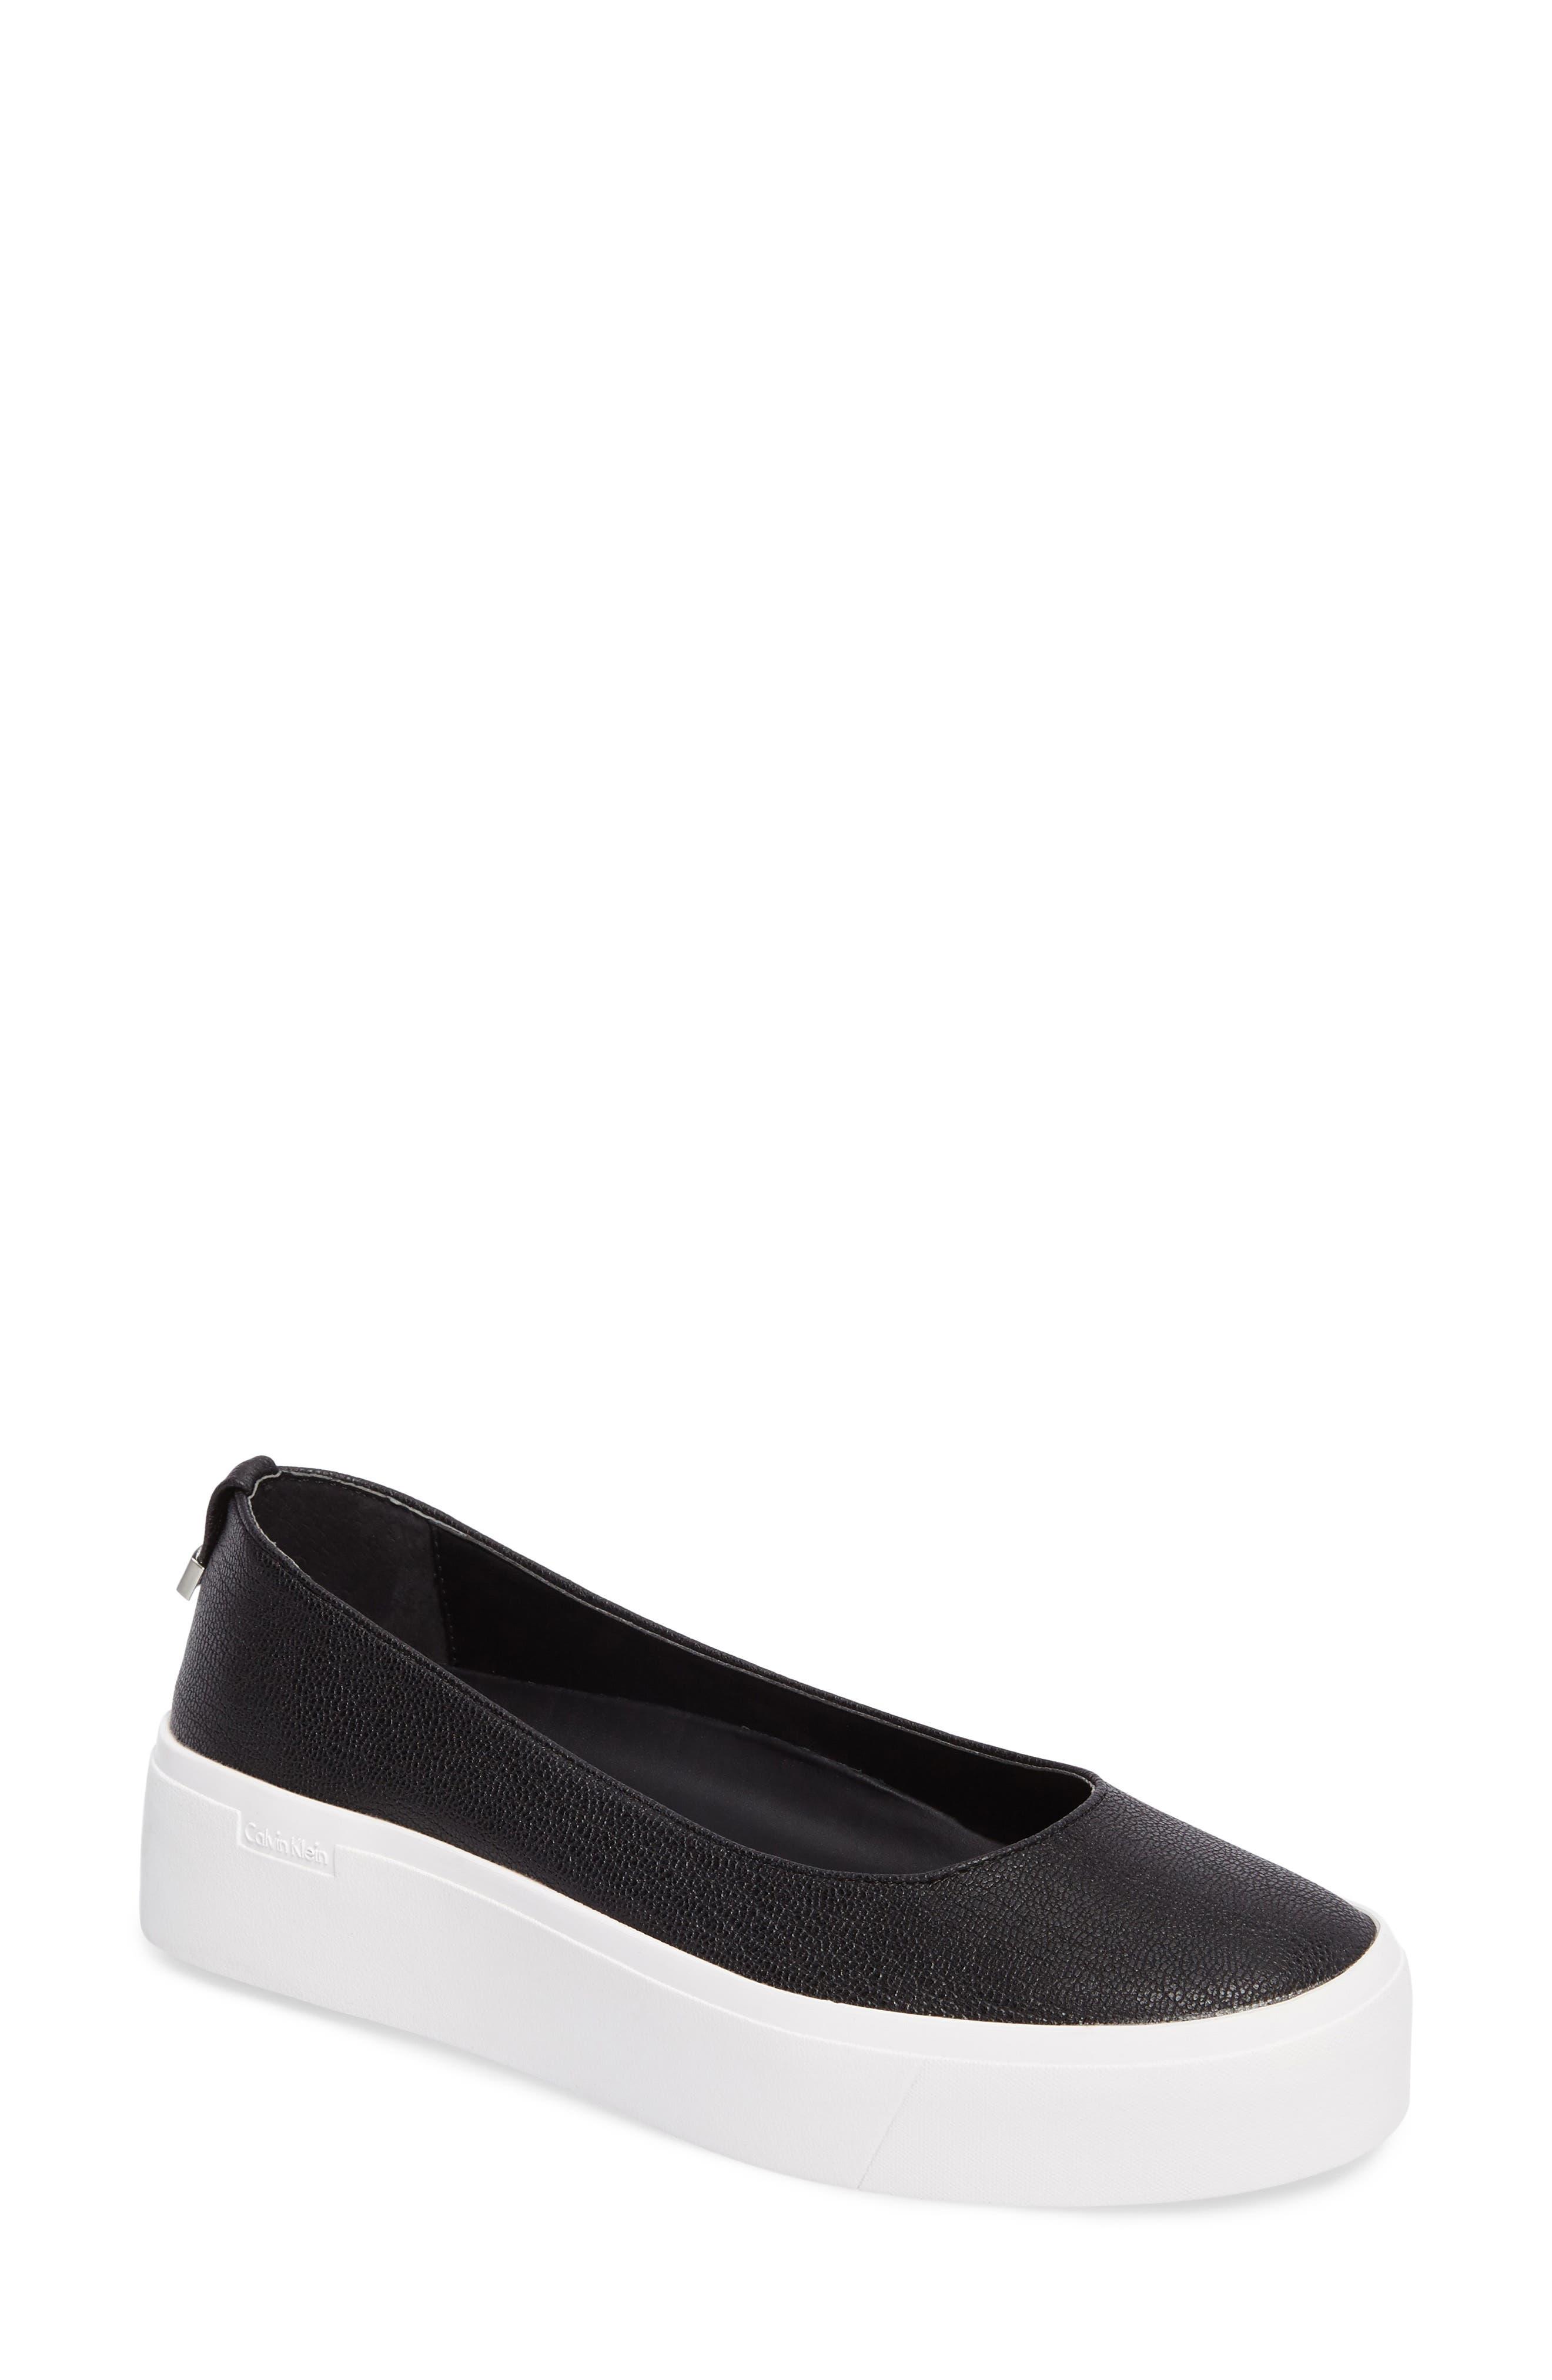 Main Image - Calvin Klein Janie Platform Flat (Women)